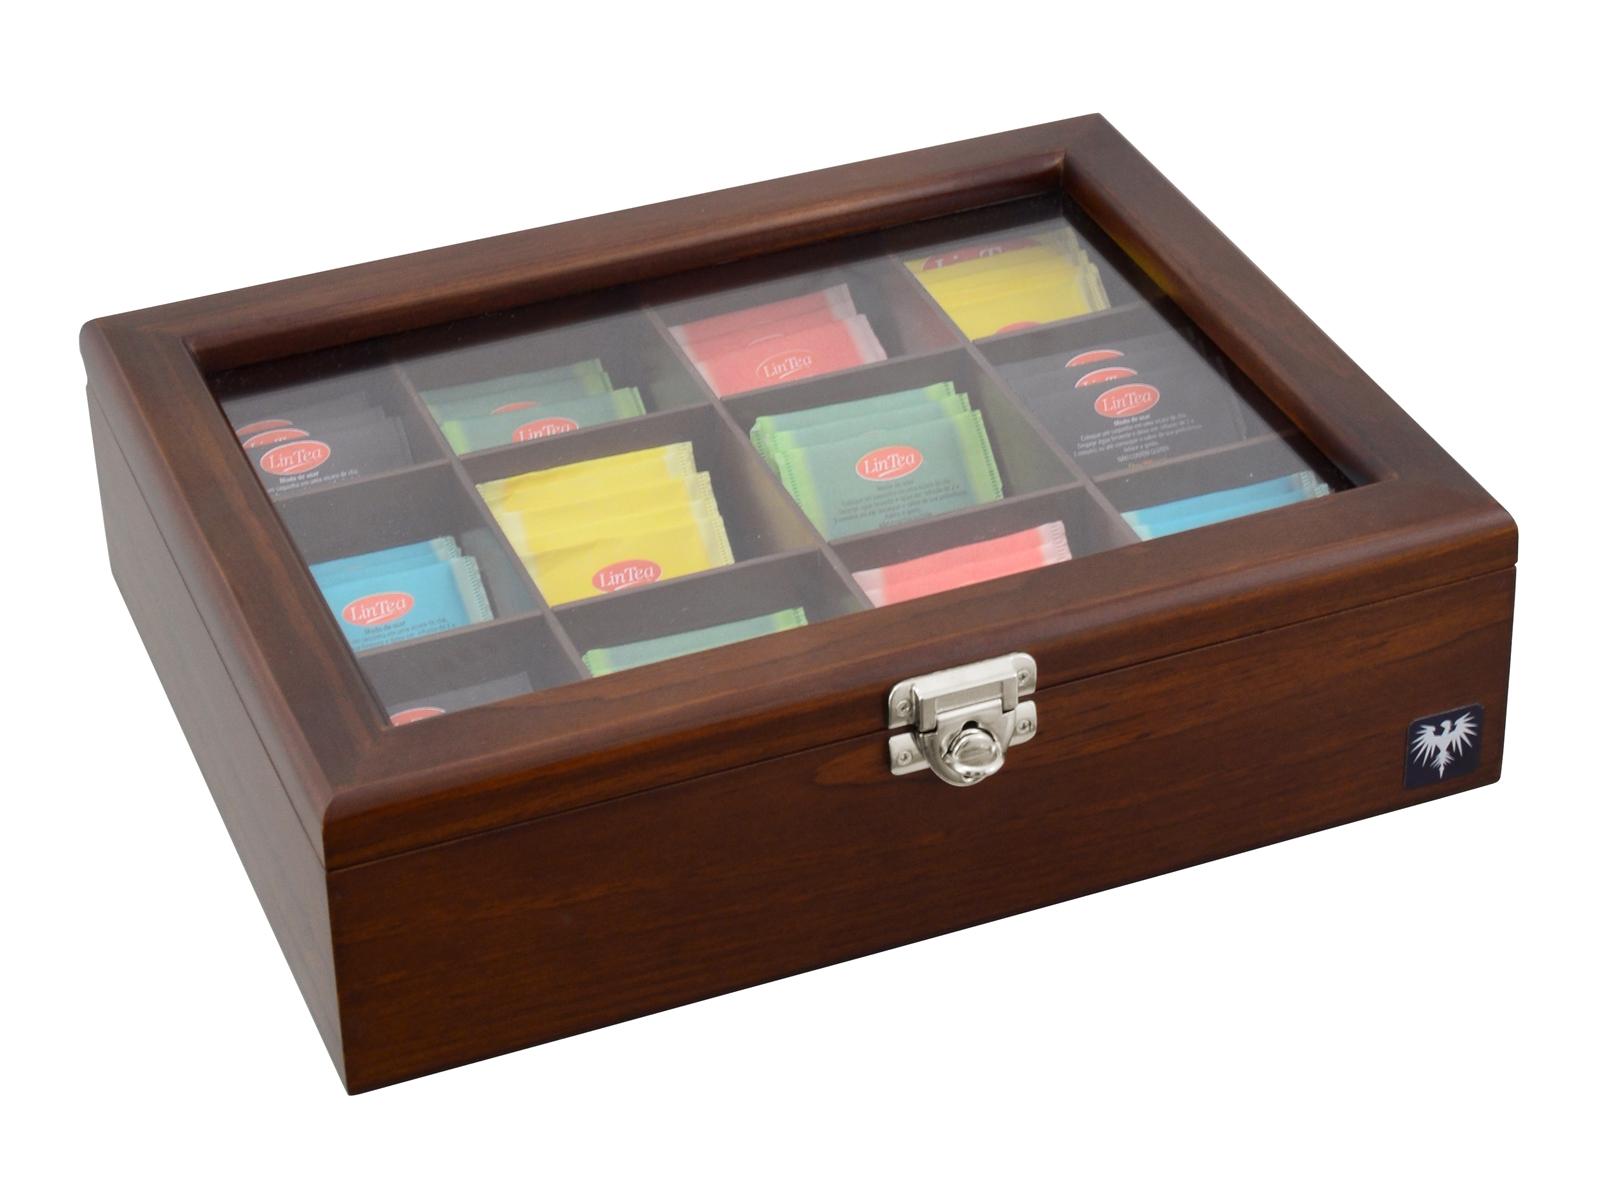 estojo-porta-cha-12-nichos-madeira-macica-tabaco-imagem-2.JPG